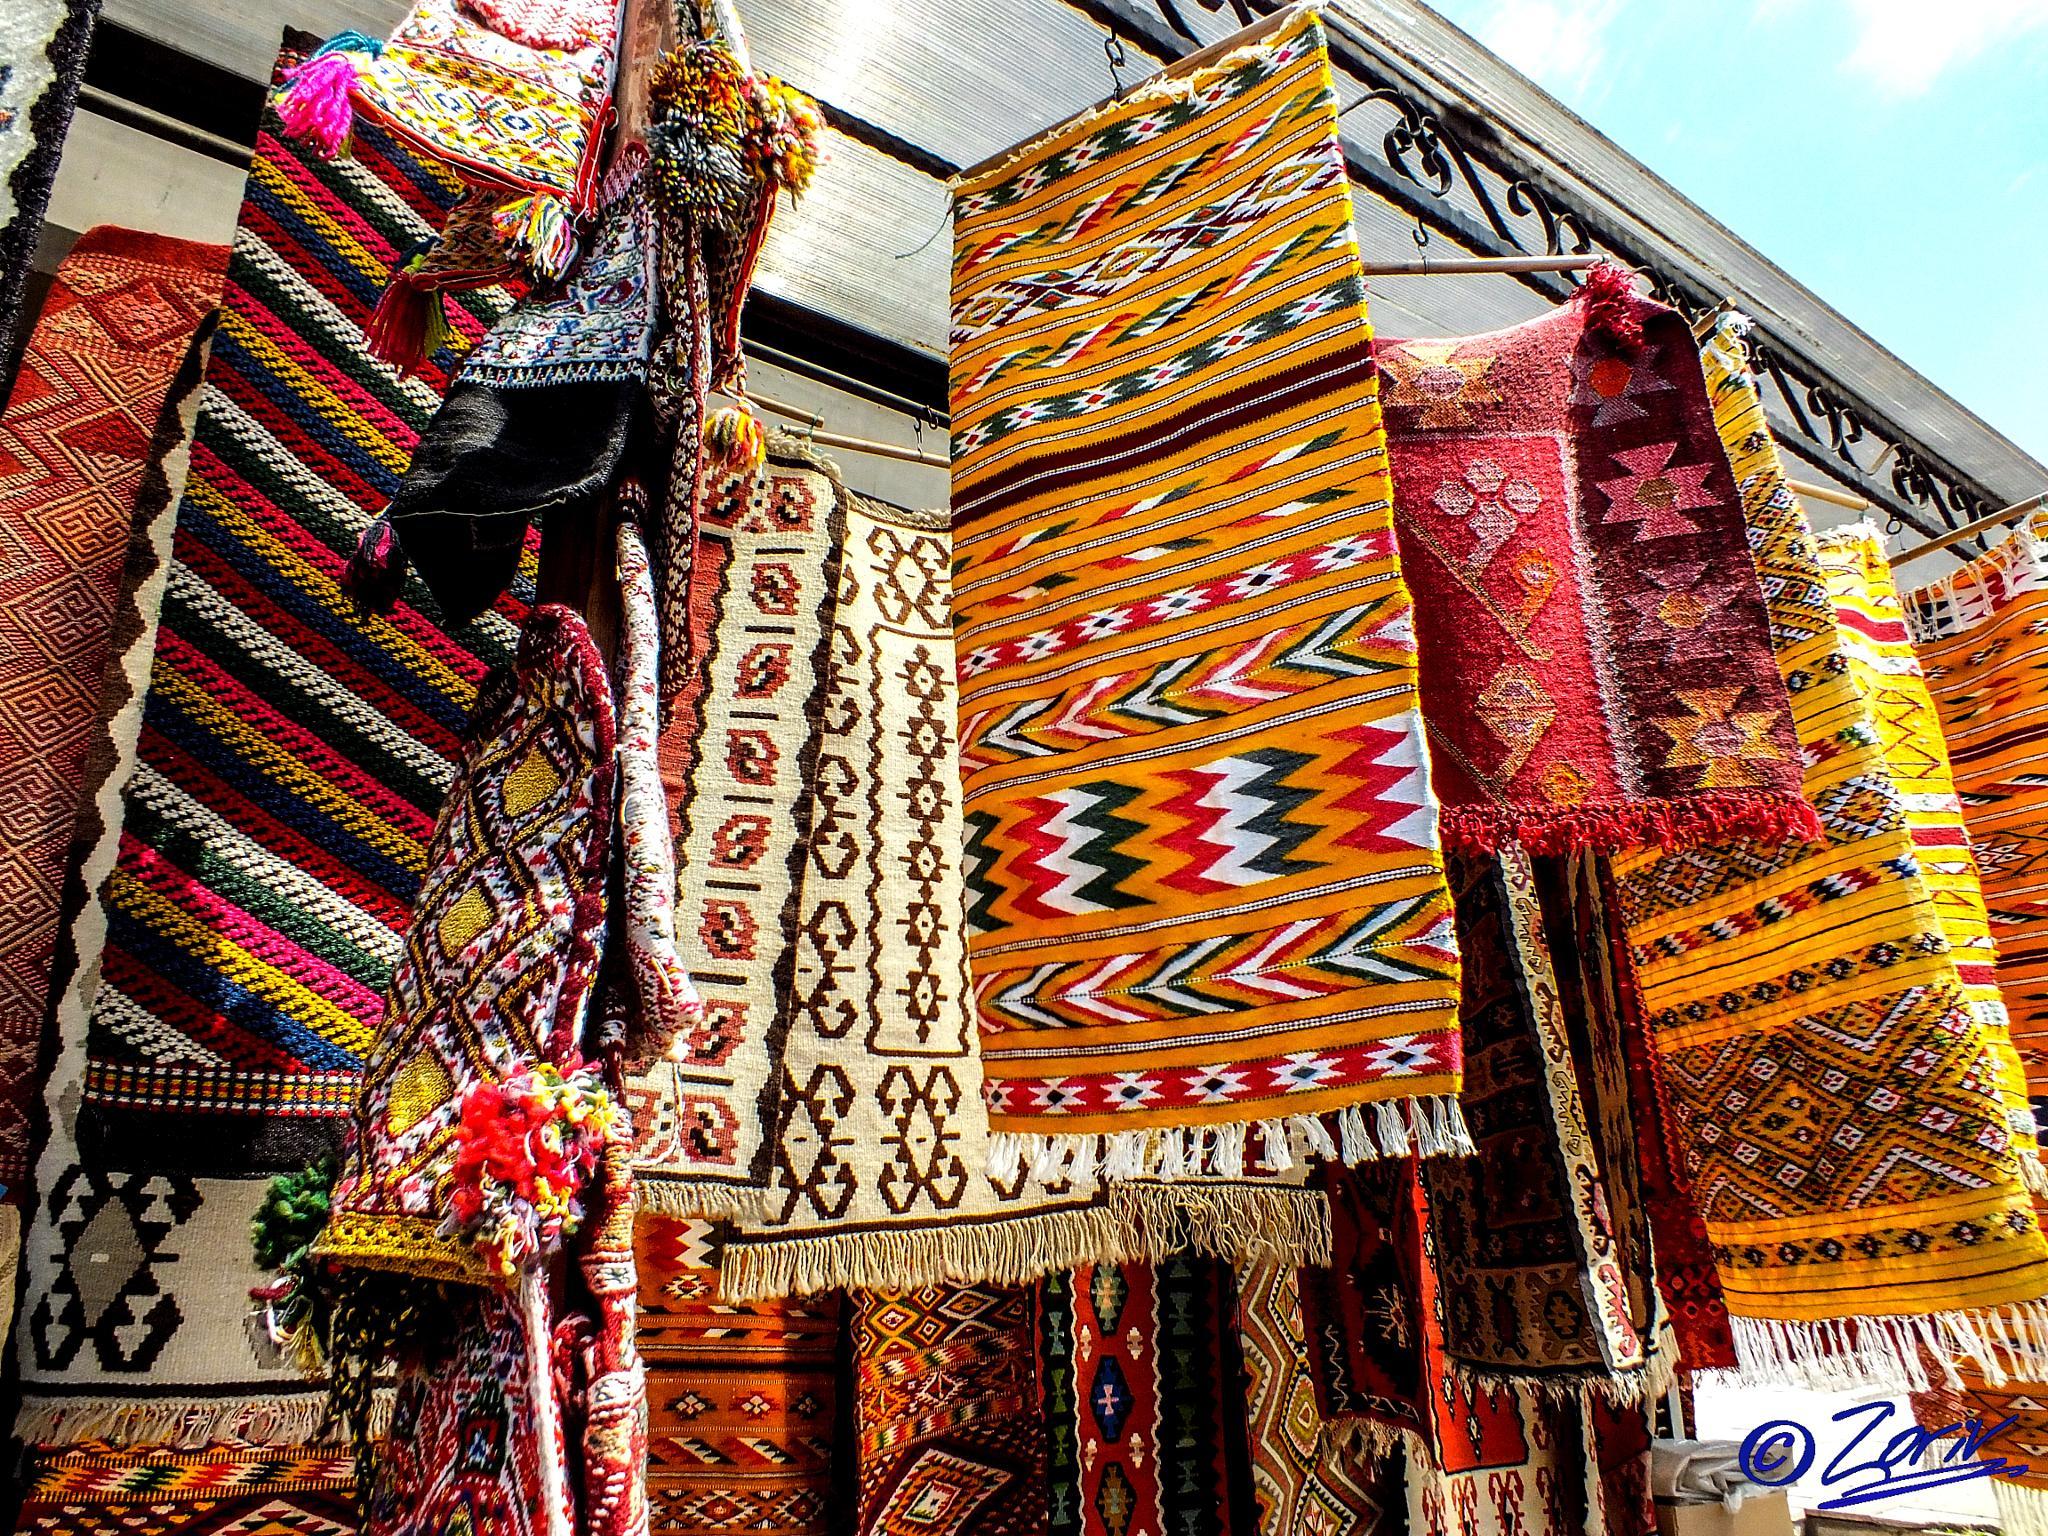 Carpets (Homemade) by zoriv